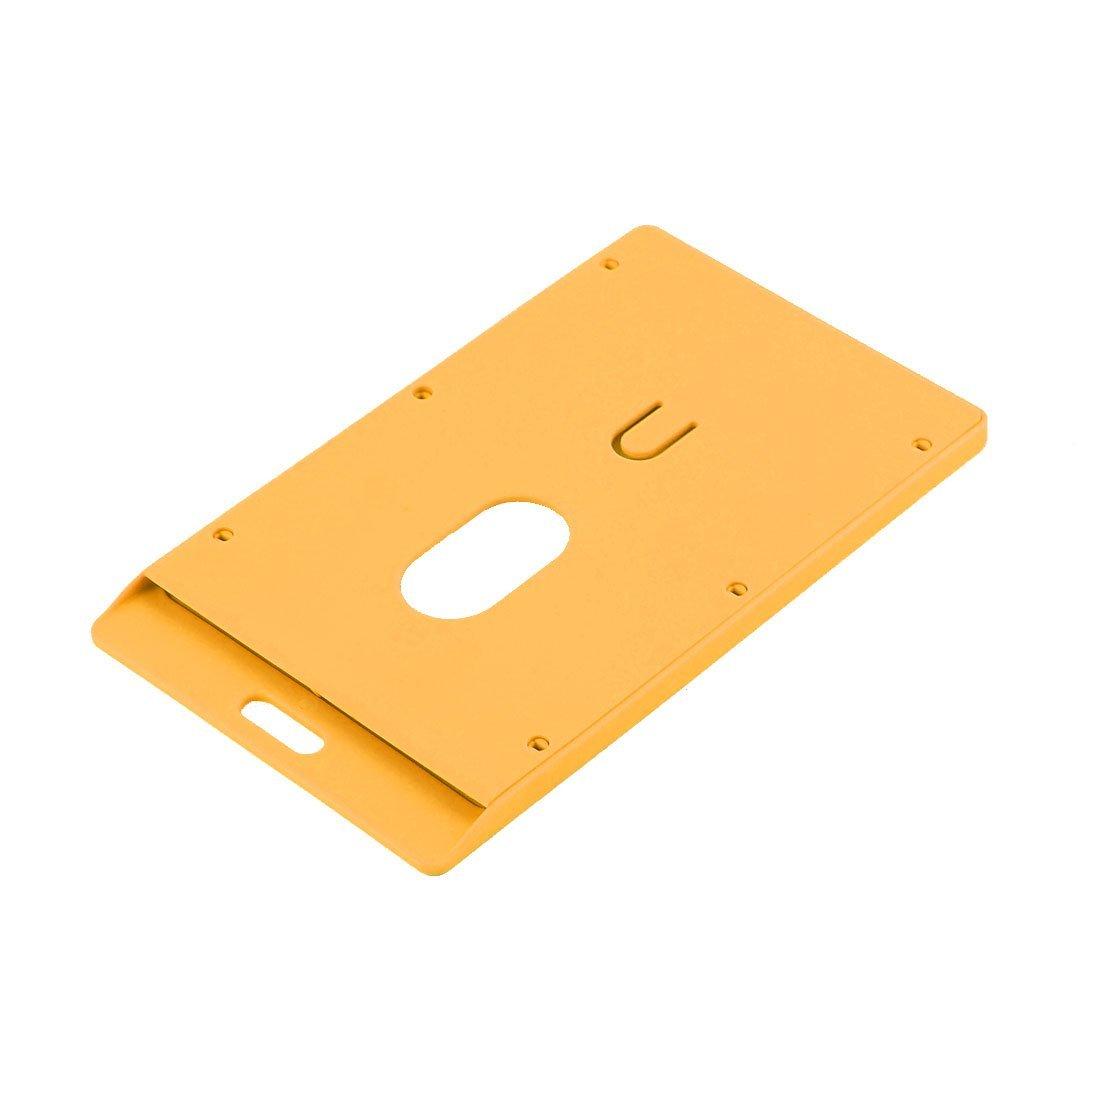 Amazon.com : Escuela de plástico eDealMax Trabajo Vertical Nombre tarjeta de identificación Oficina 9x5.4cm Naranja Titular : Office Products